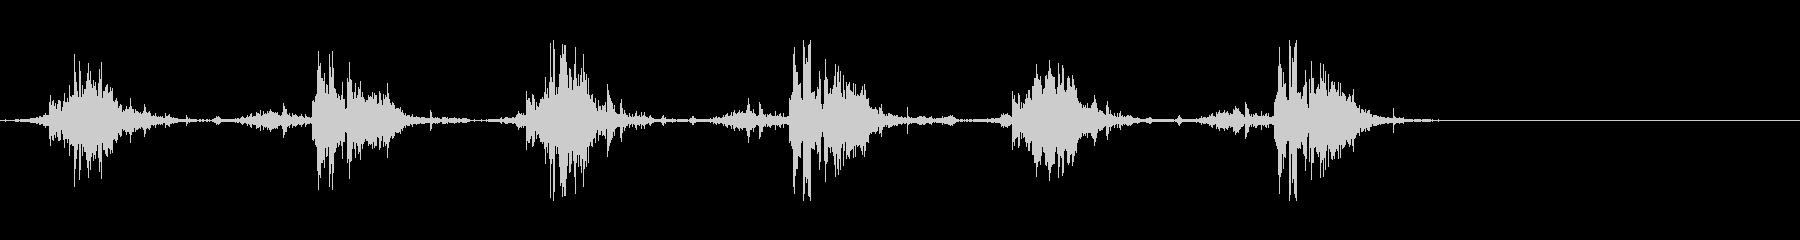 重みのある足音の未再生の波形